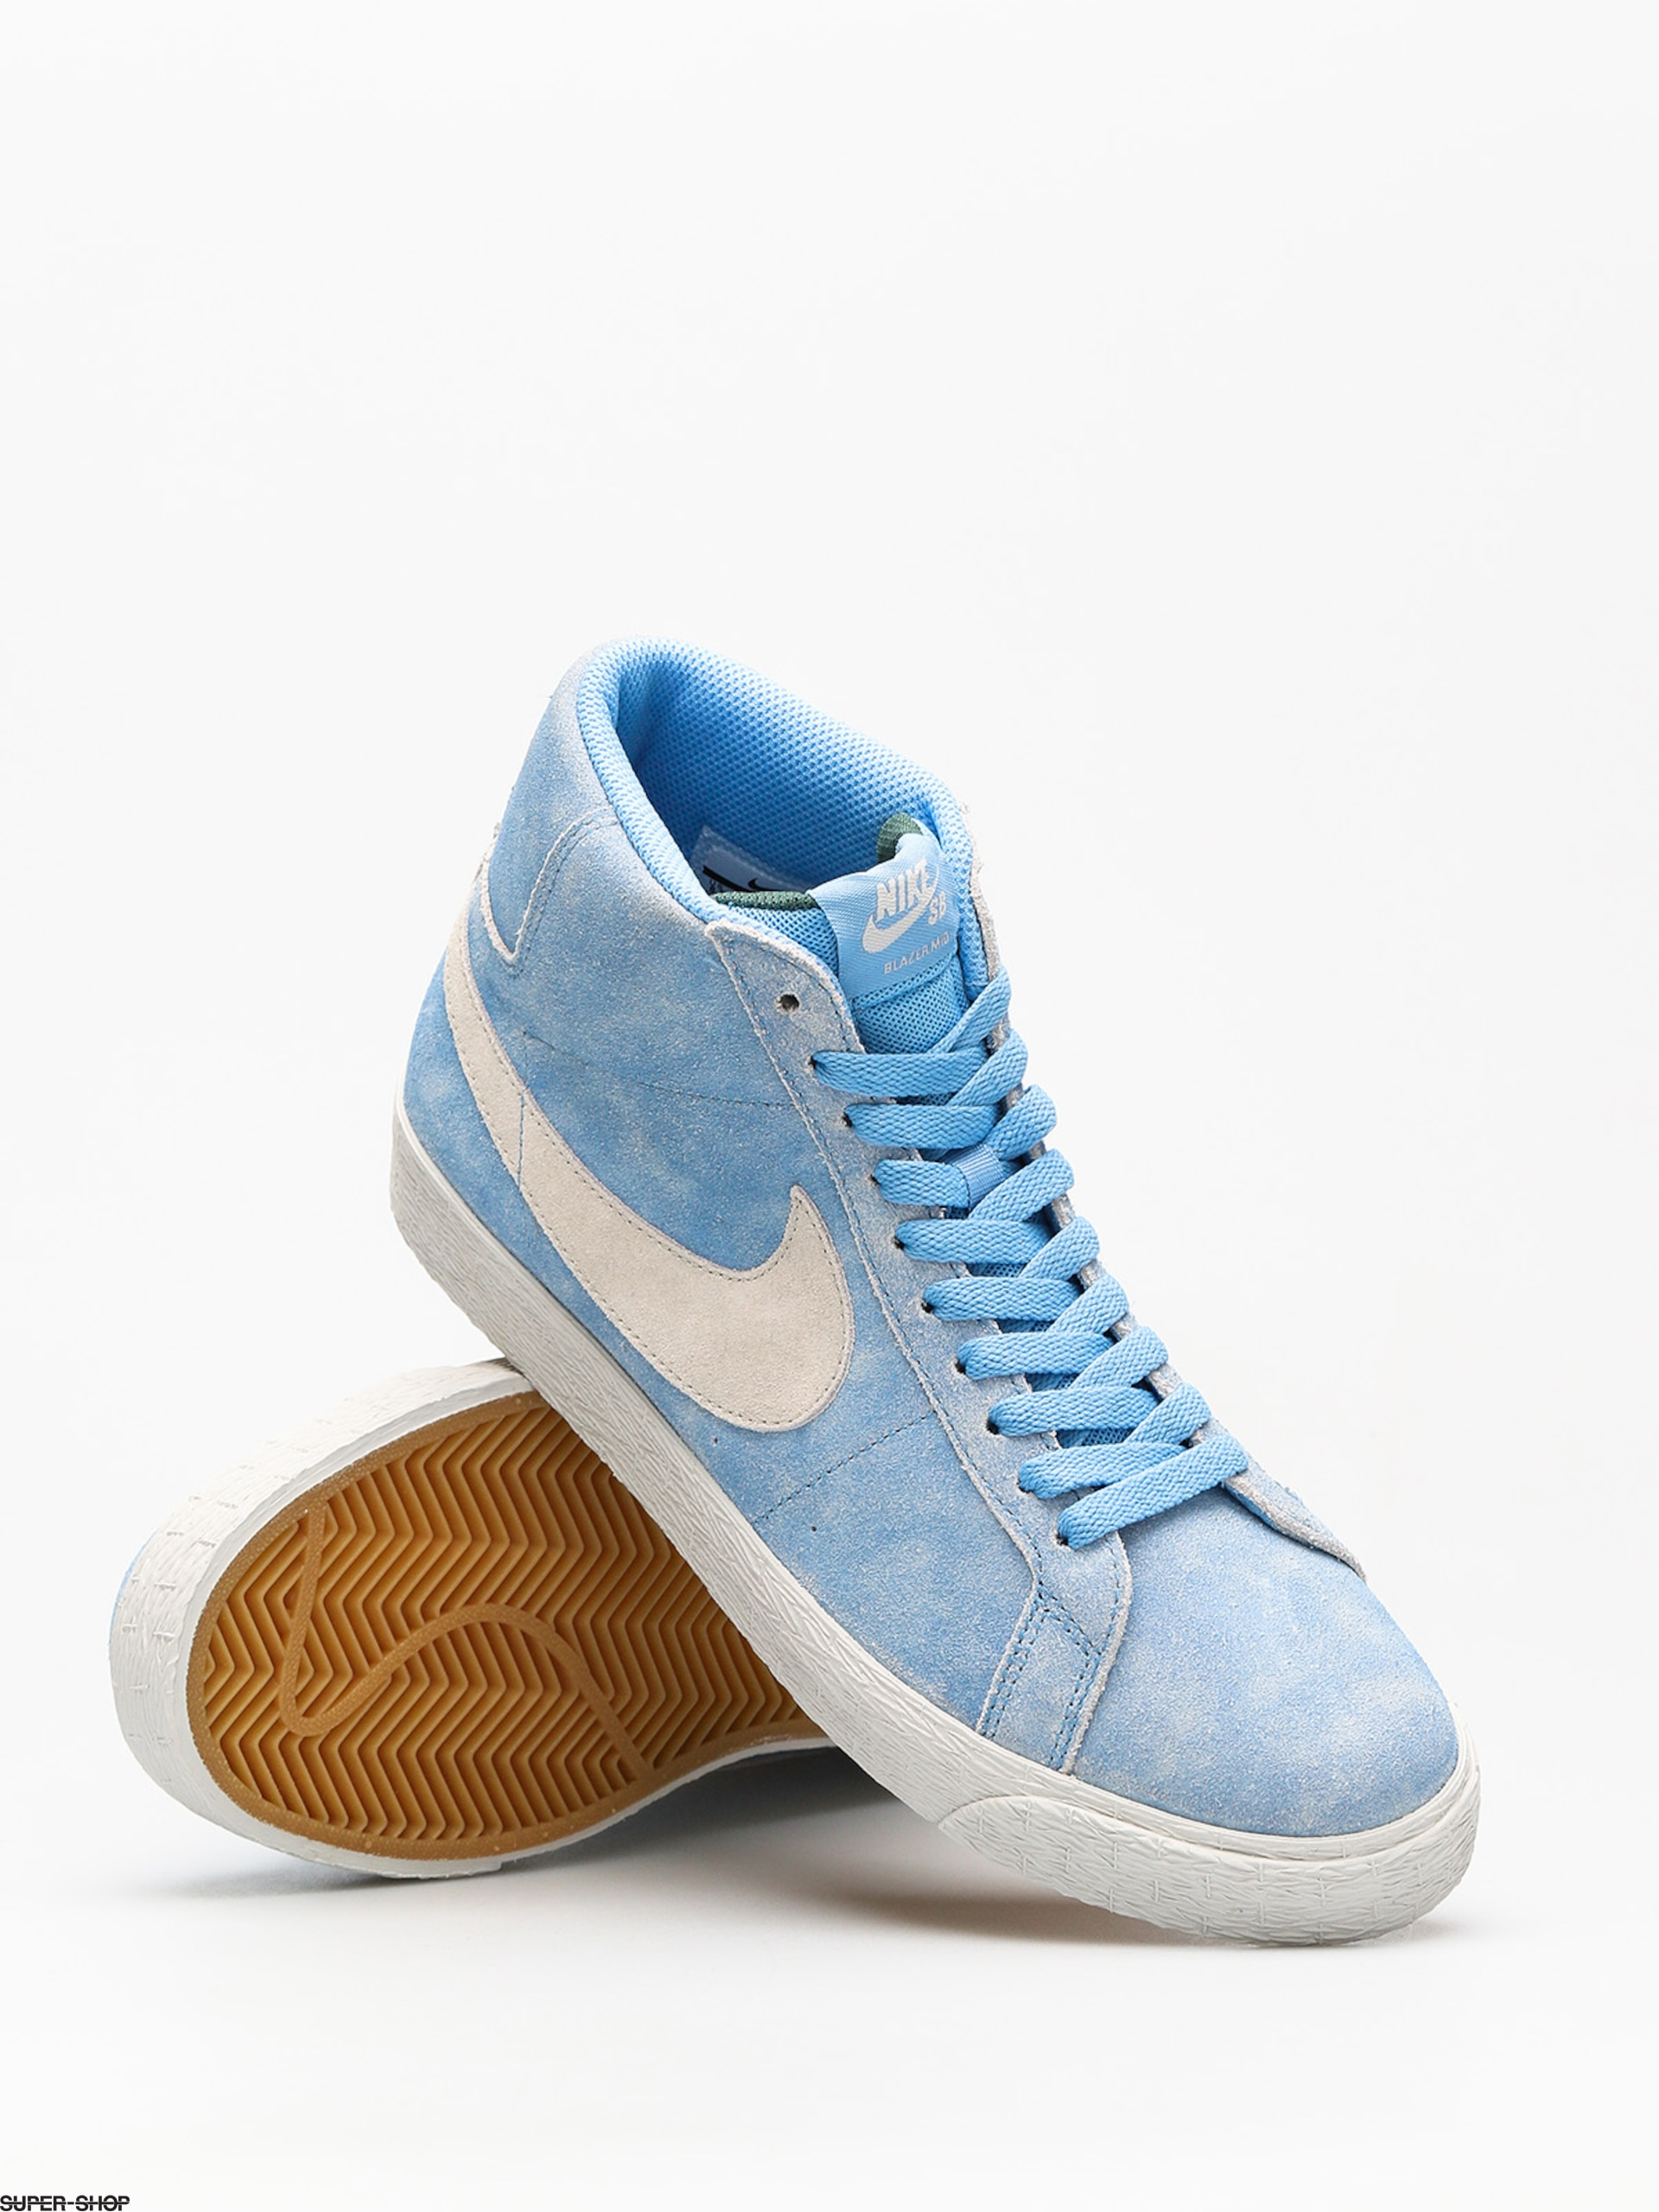 91eafdc686b9 959116-w1920-nike-sb-shoes-sb-zoom-blazer-mid-university-blue -light-bone-habanero-red.jpg